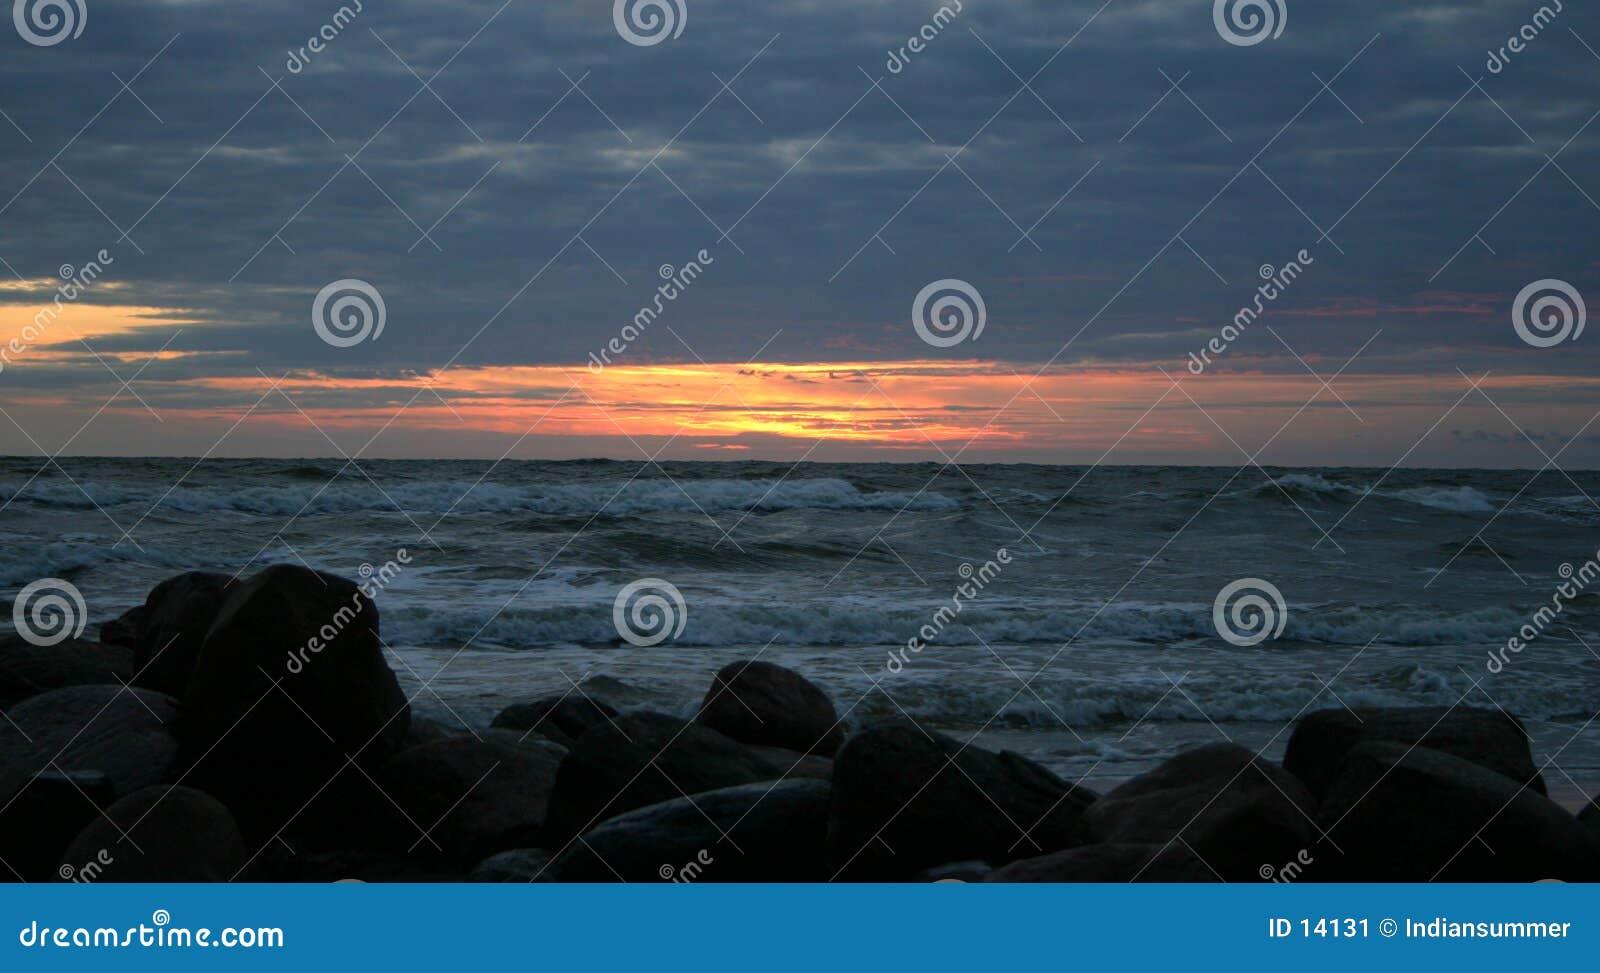 Abend durch das Meer IV